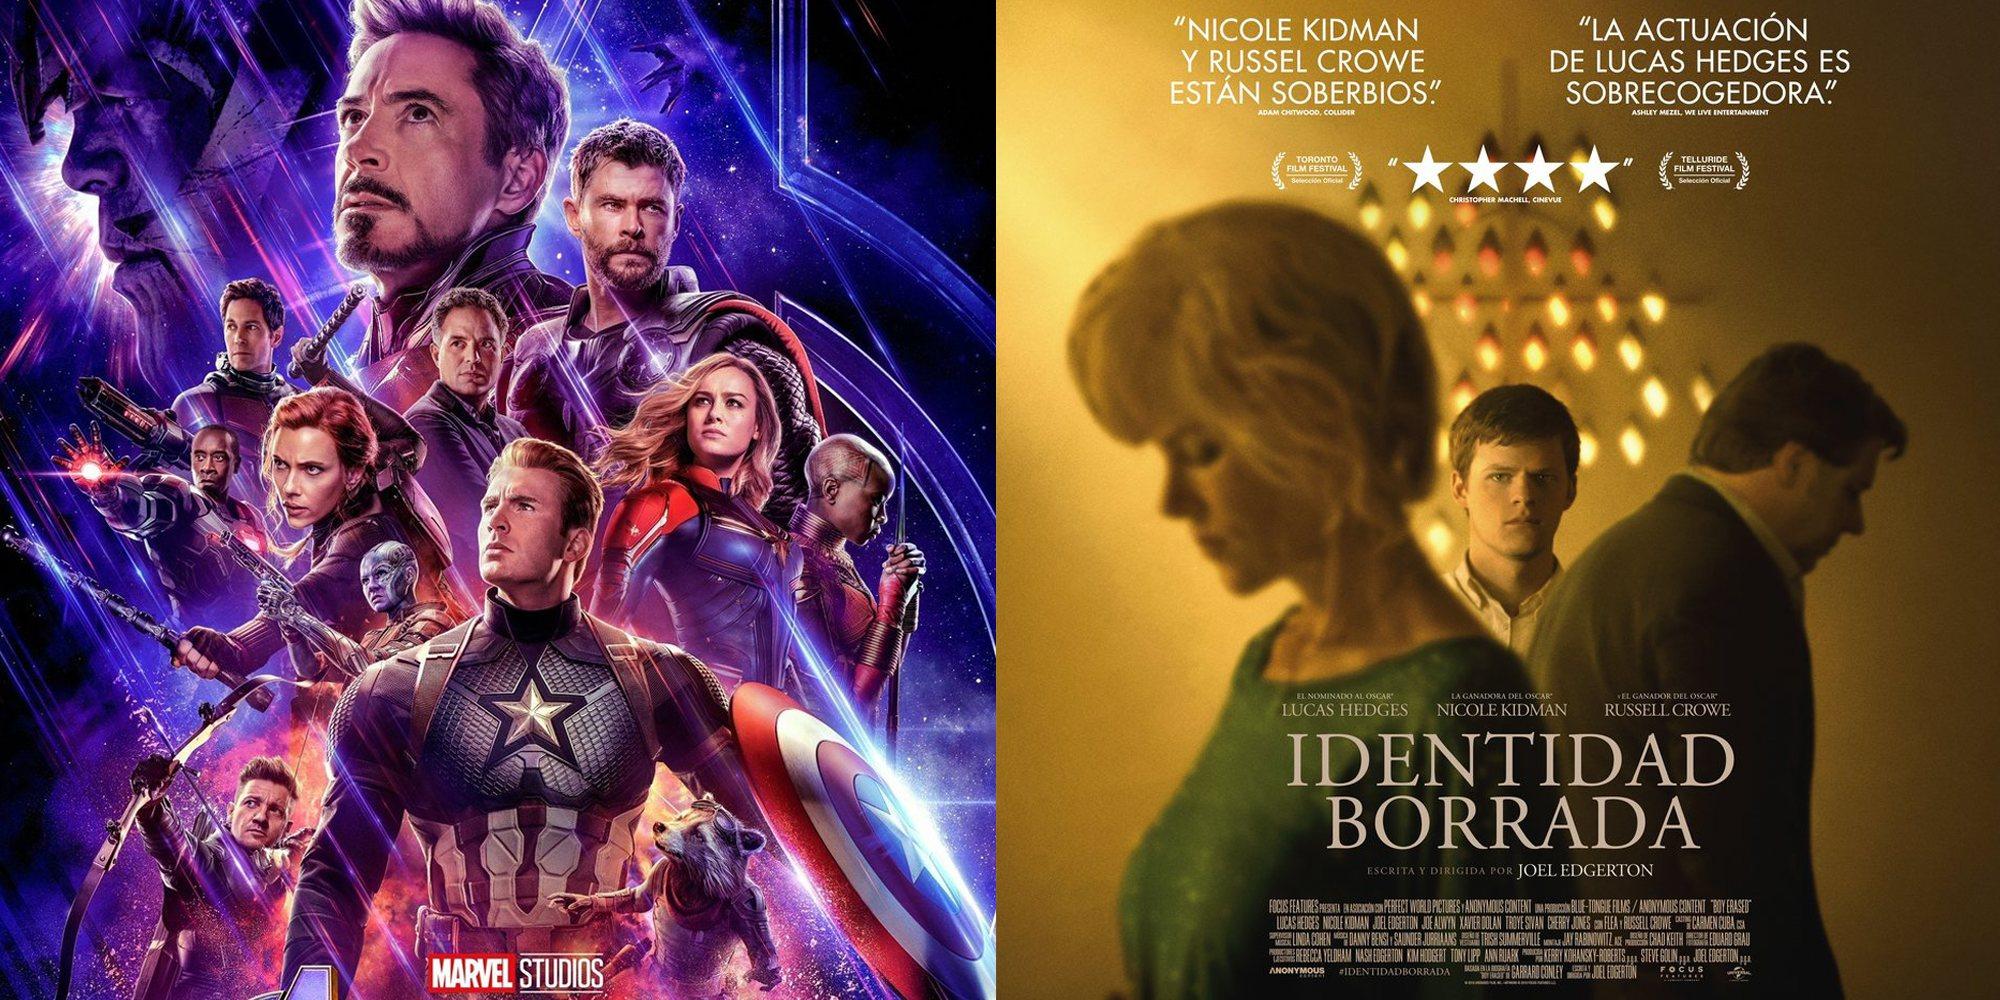 Las 5 películas más esperadas de abril de 2019